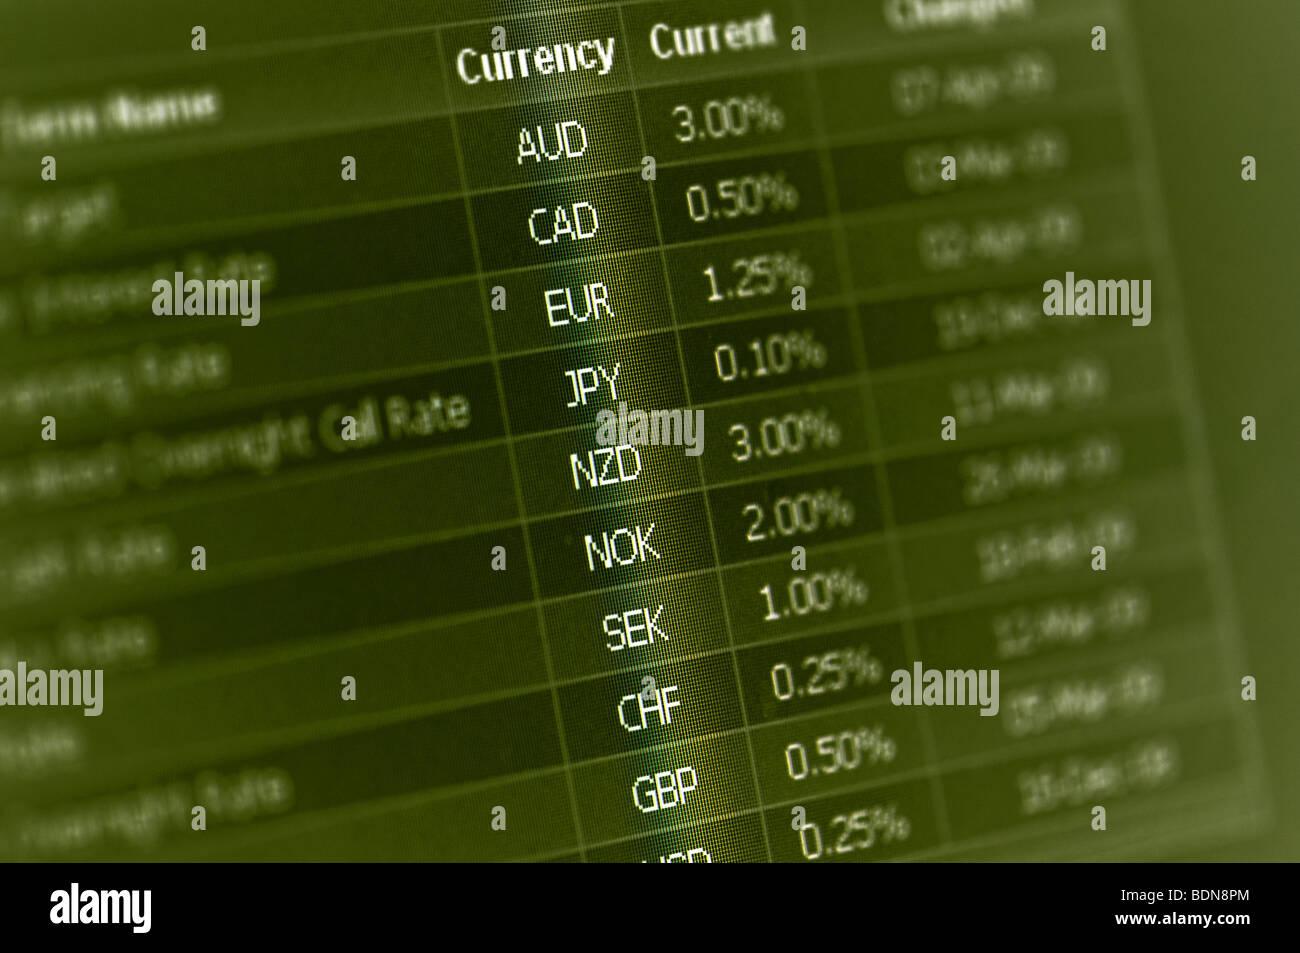 Mercato finanziario valuta i tassi di interesse sul monitor Immagini Stock